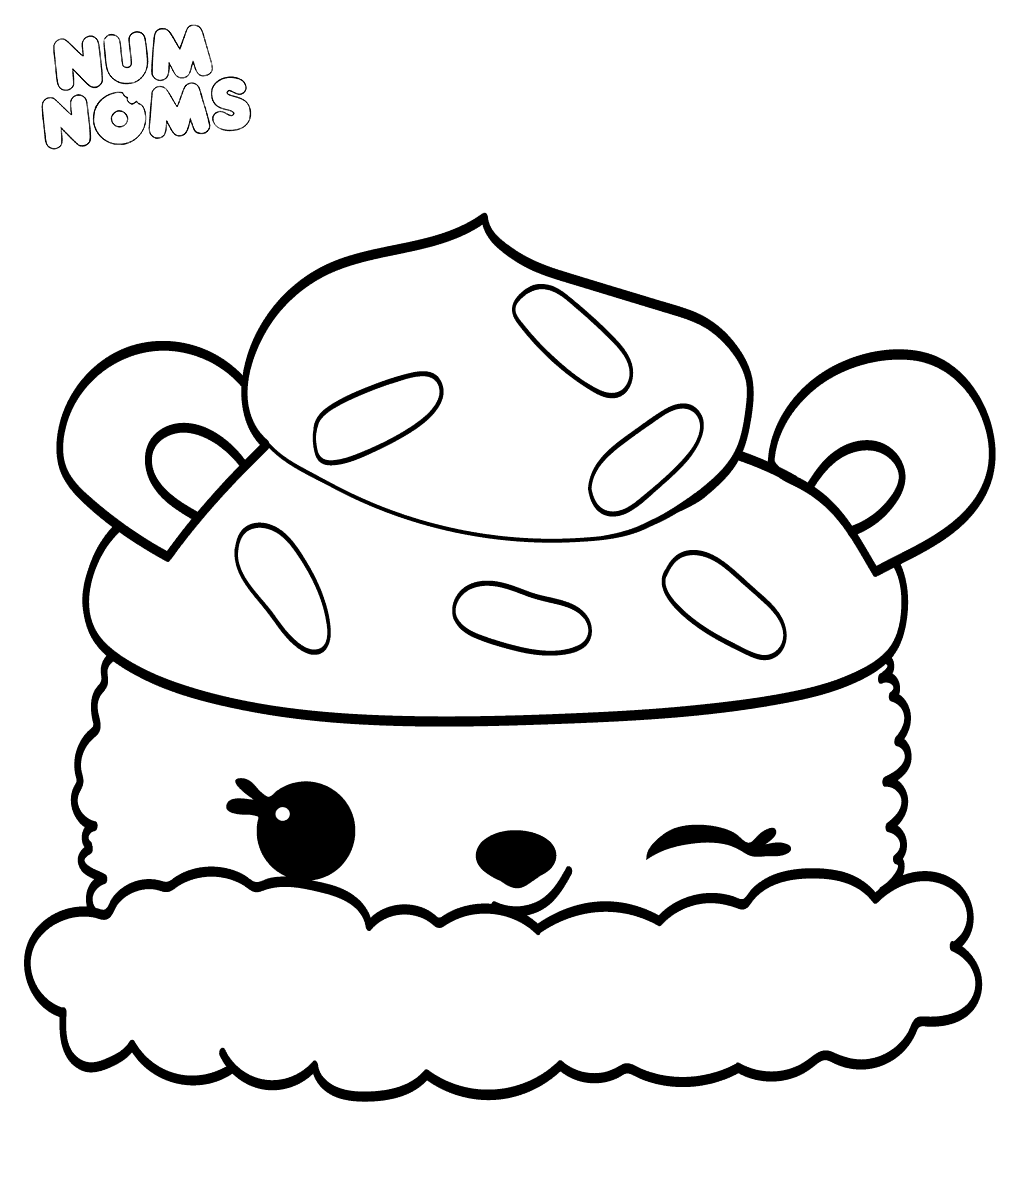 Coloring Pages Of Num Noms Season 2 Parker Peach Coloring Pages Cute Coloring Pages Cute Easy Drawings